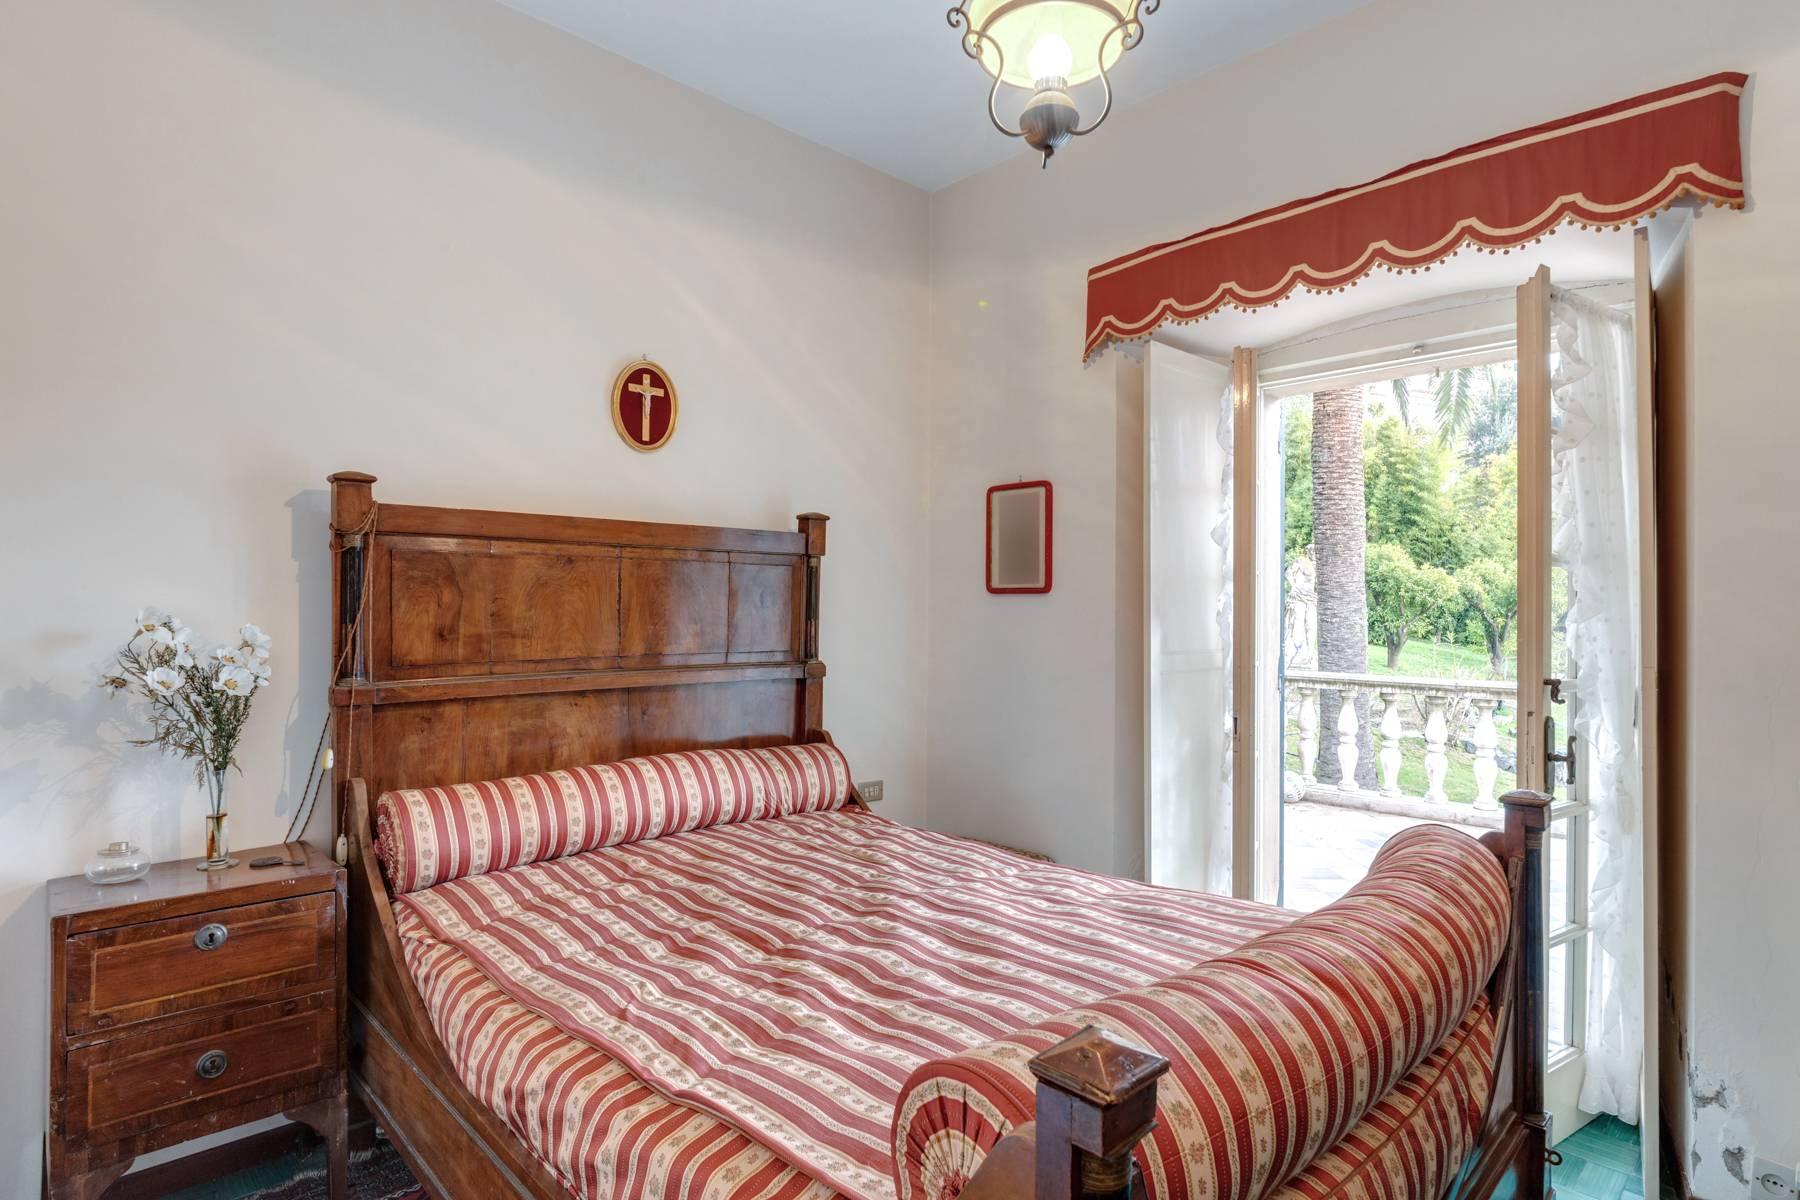 Villa in Vendita a Arenzano: 5 locali, 600 mq - Foto 13